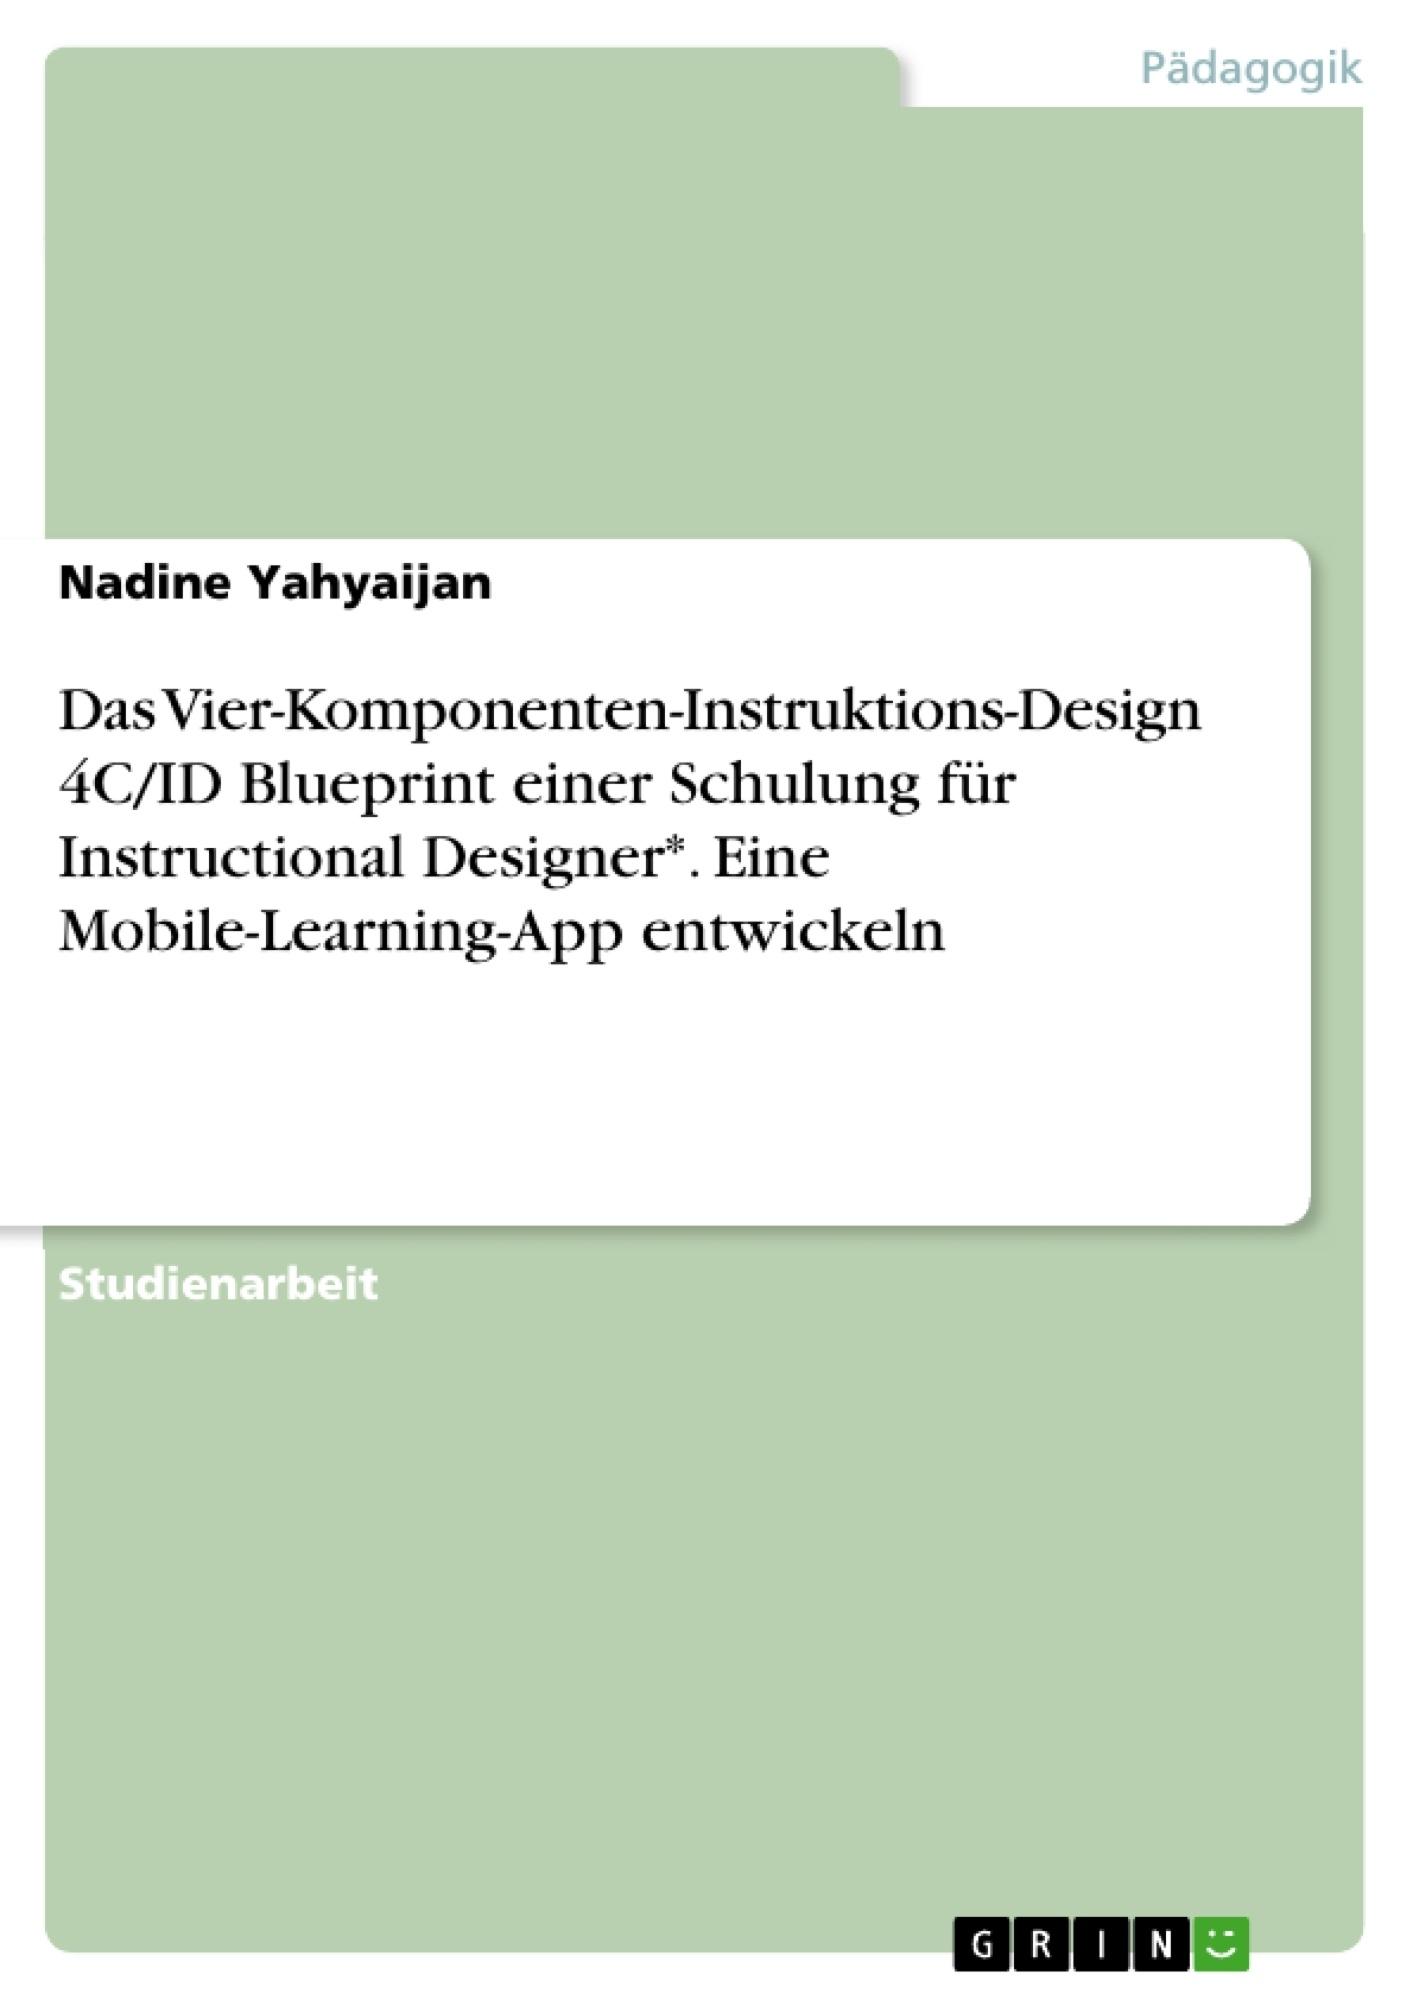 Titel: Das Vier-Komponenten-Instruktions-Design 4C/ID Blueprint einer Schulung für Instructional Designer*. Eine Mobile-Learning-App entwickeln